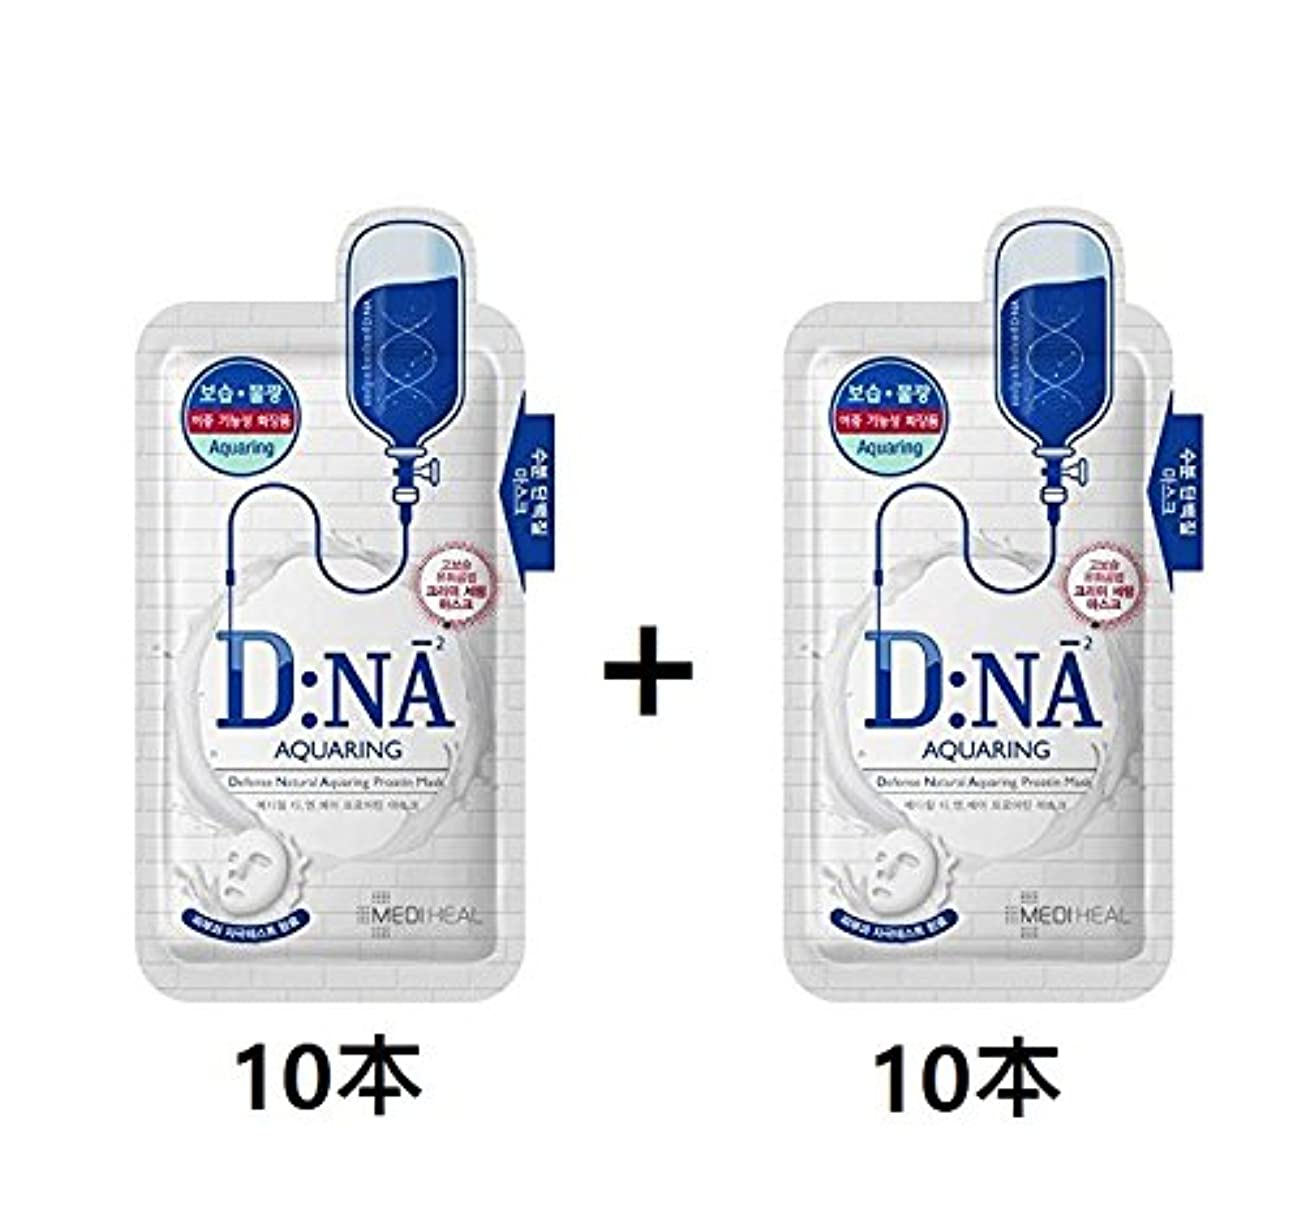 残忍なエンジニアリングほとんどない[10+10] Mediheal DNA プロアチン マスクパック (アクアリング) 25g x (10枚+10枚) [ Mediheal DNA Proatin Face Mask Pack (Aquaring) 25g...